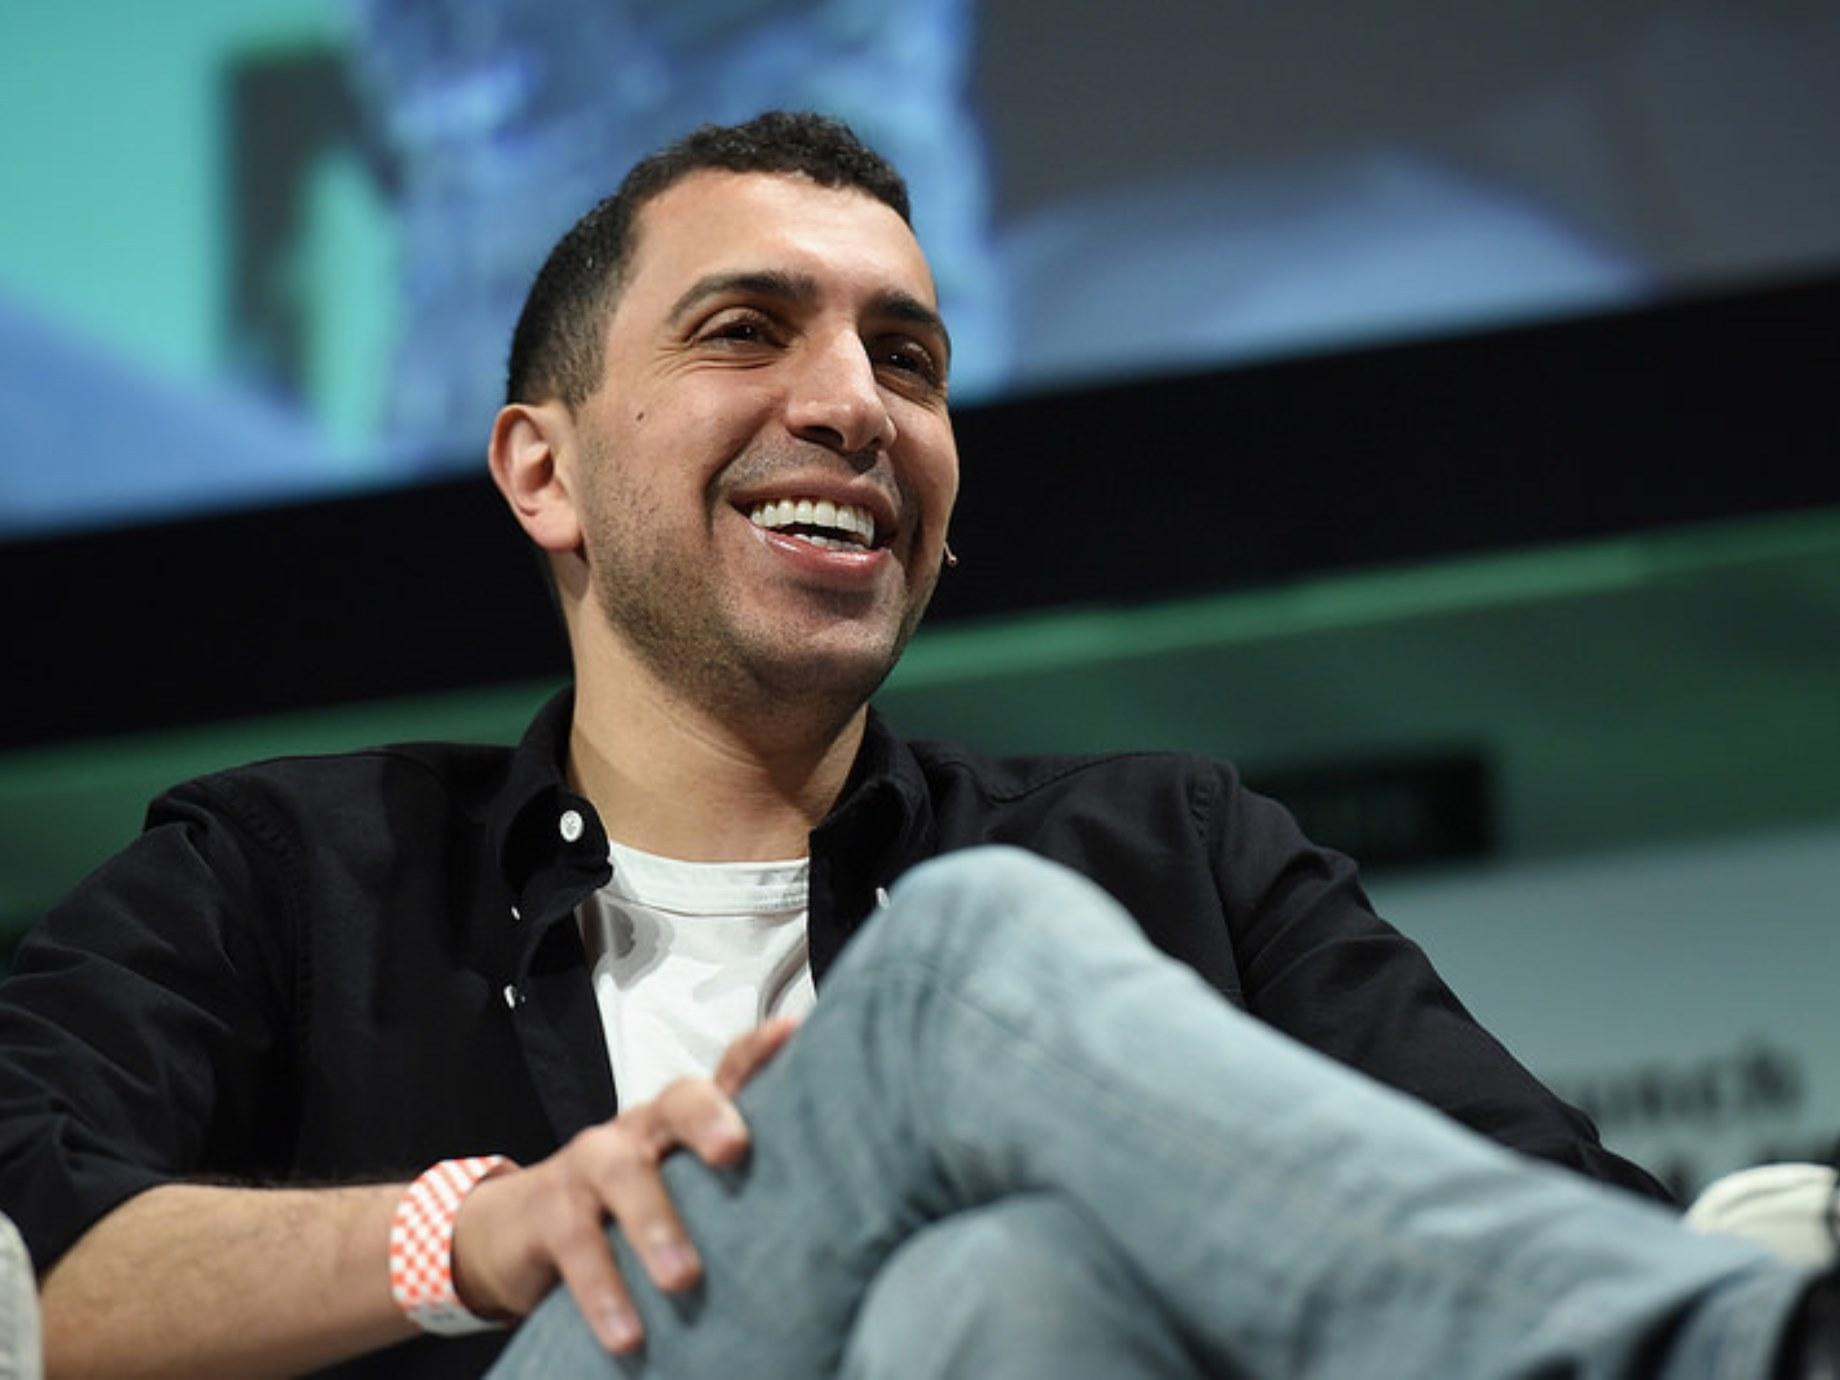 市值高達30億美元!Sean Rad用3大行銷方法,打造全球最紅交友App「Tinder」